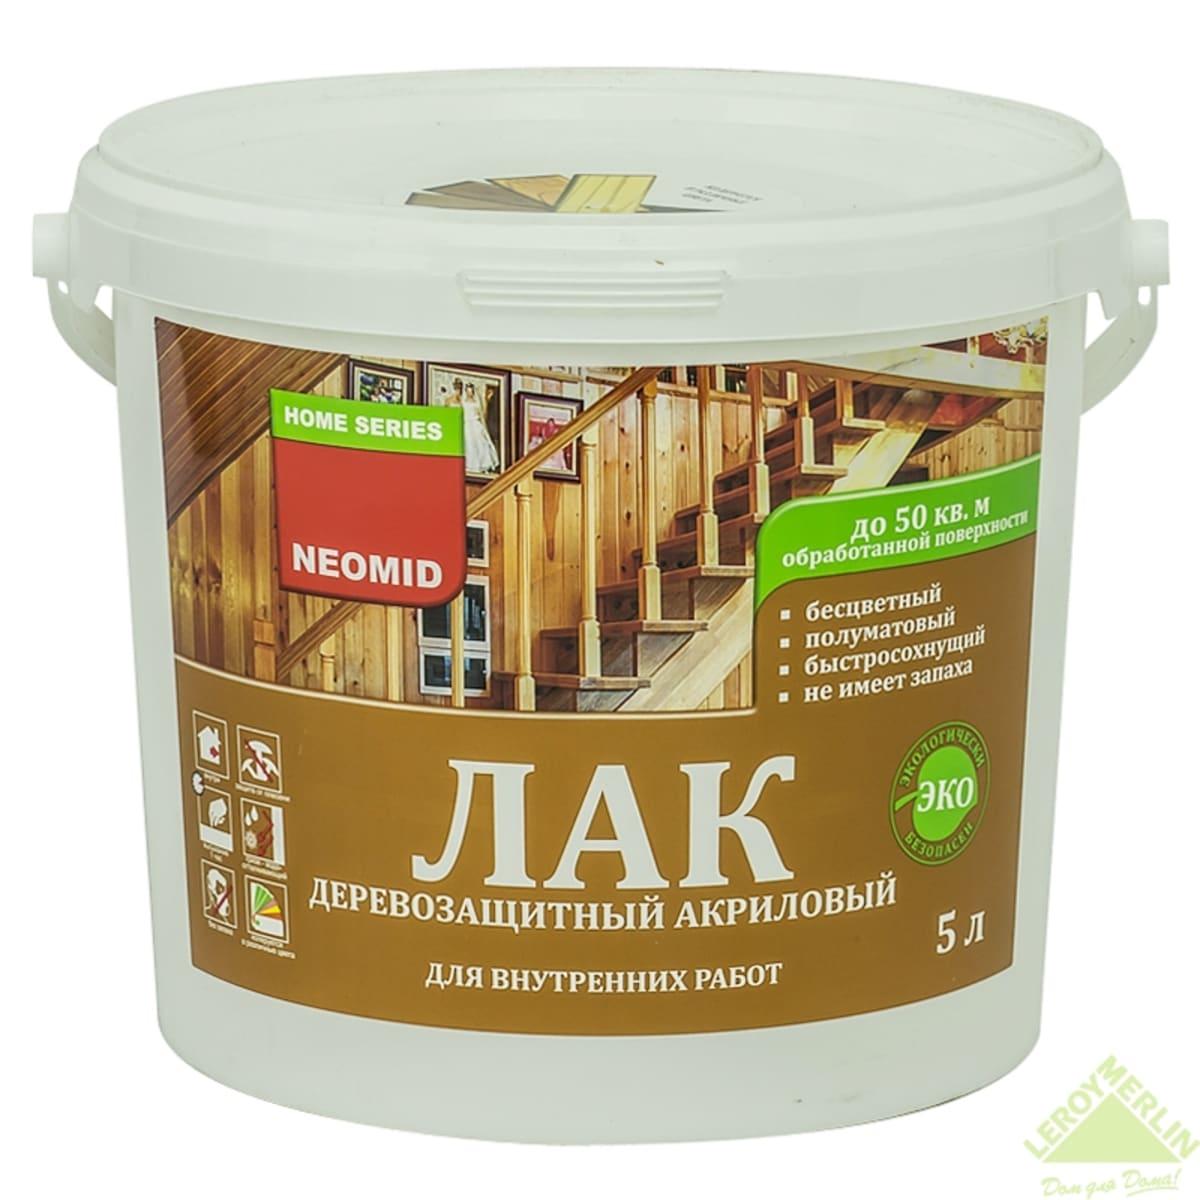 Лак на водной основе: самогрунтующийся лак для стен, бесцветный состав для внутренних работ, tikkurila и eurotex, «лакра» и 3v3